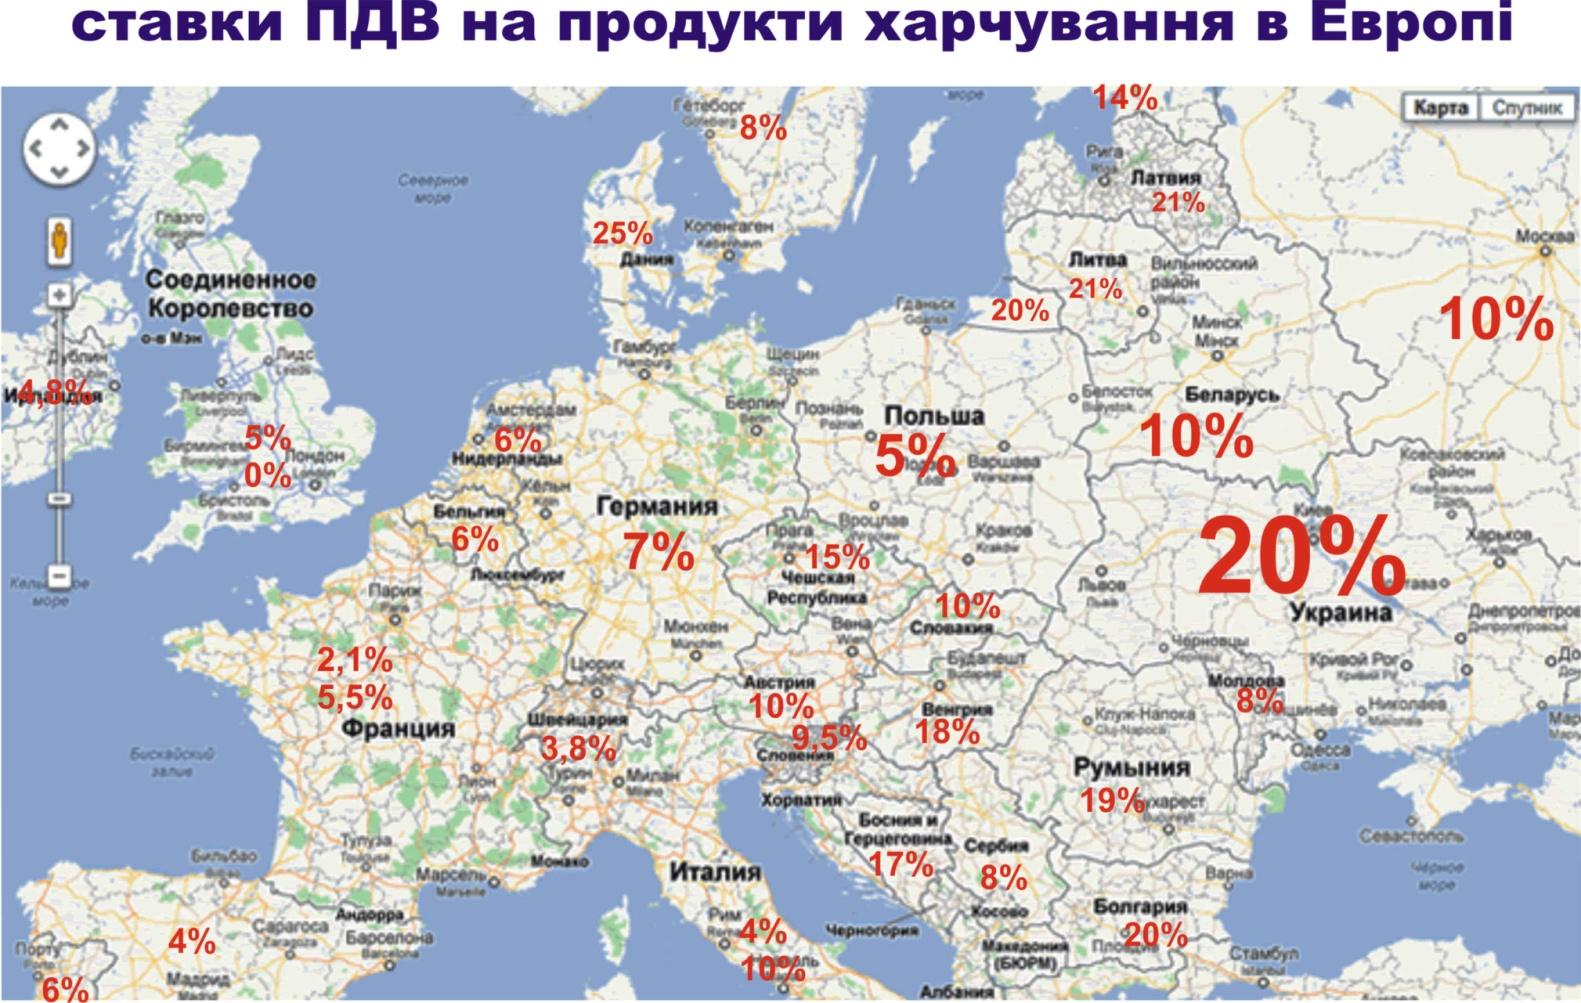 В 5 раз выше чем в Польше. В Украине налоги на продукты питания одни из самых больших в ЕС